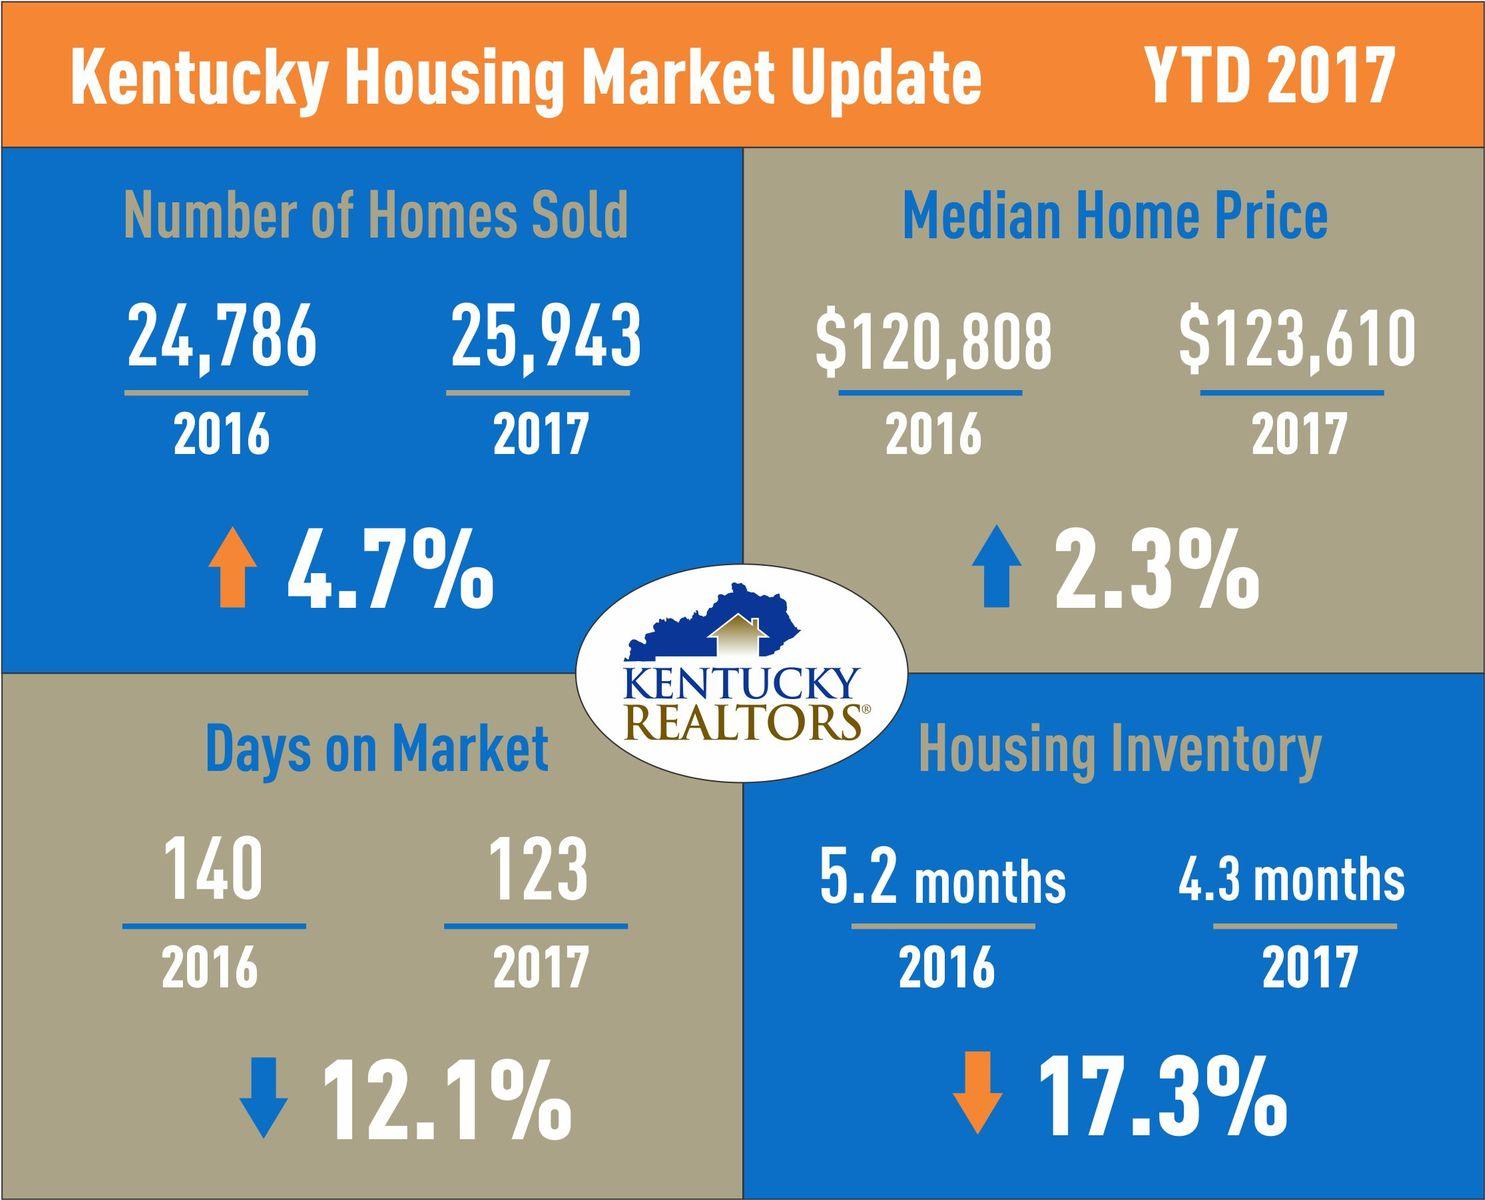 Kentucky Housing Market Update YTD 2017